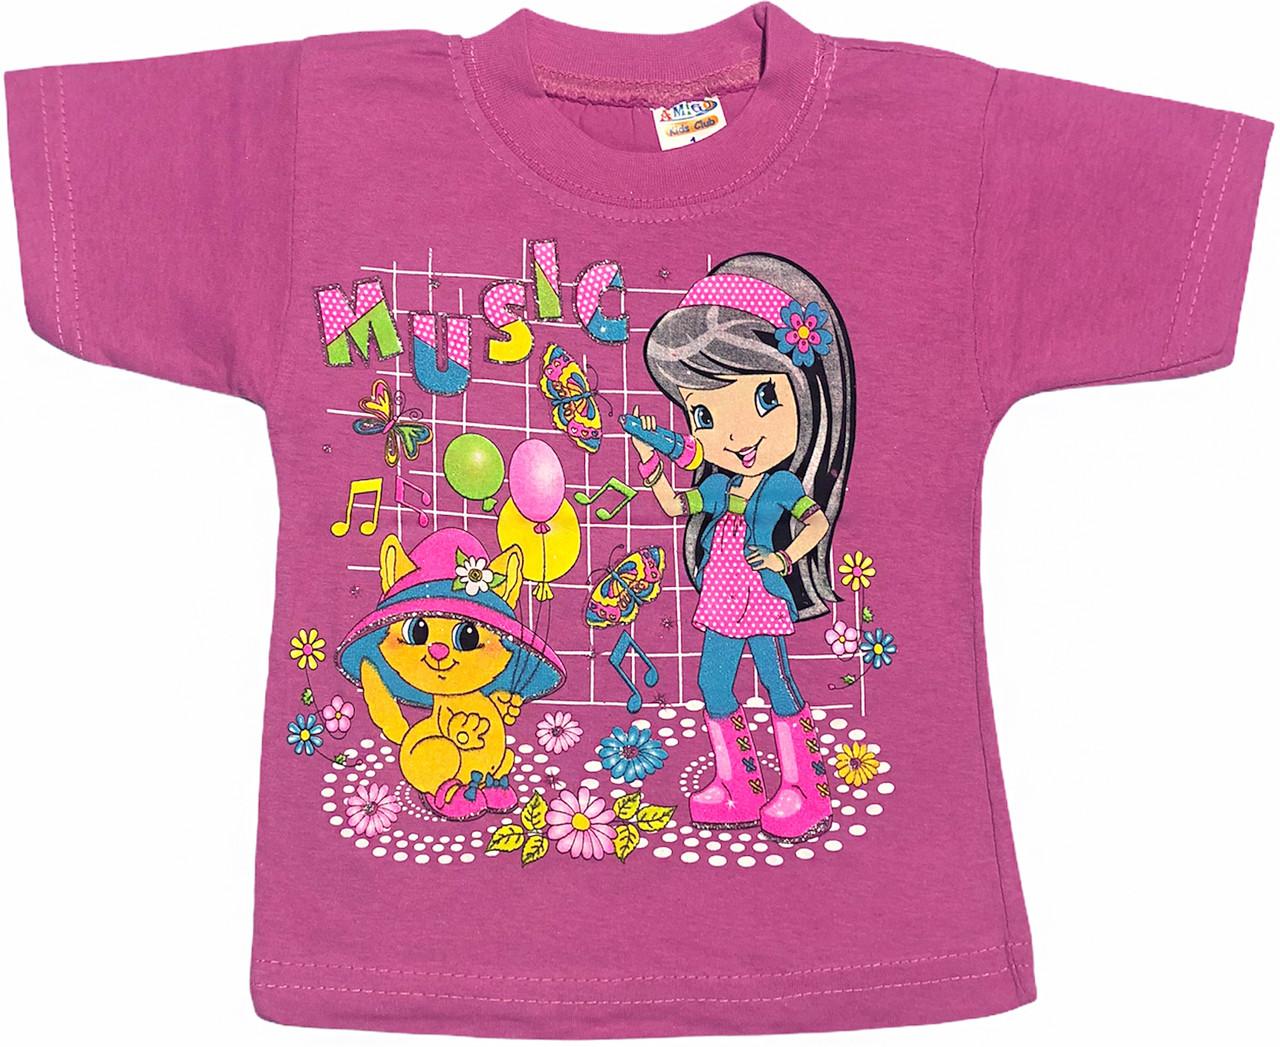 Дитяча футболка на дівчинку ріст 92 1,5-2 роки для малюків з принтом яскрава красива літня трикотаж бузкова